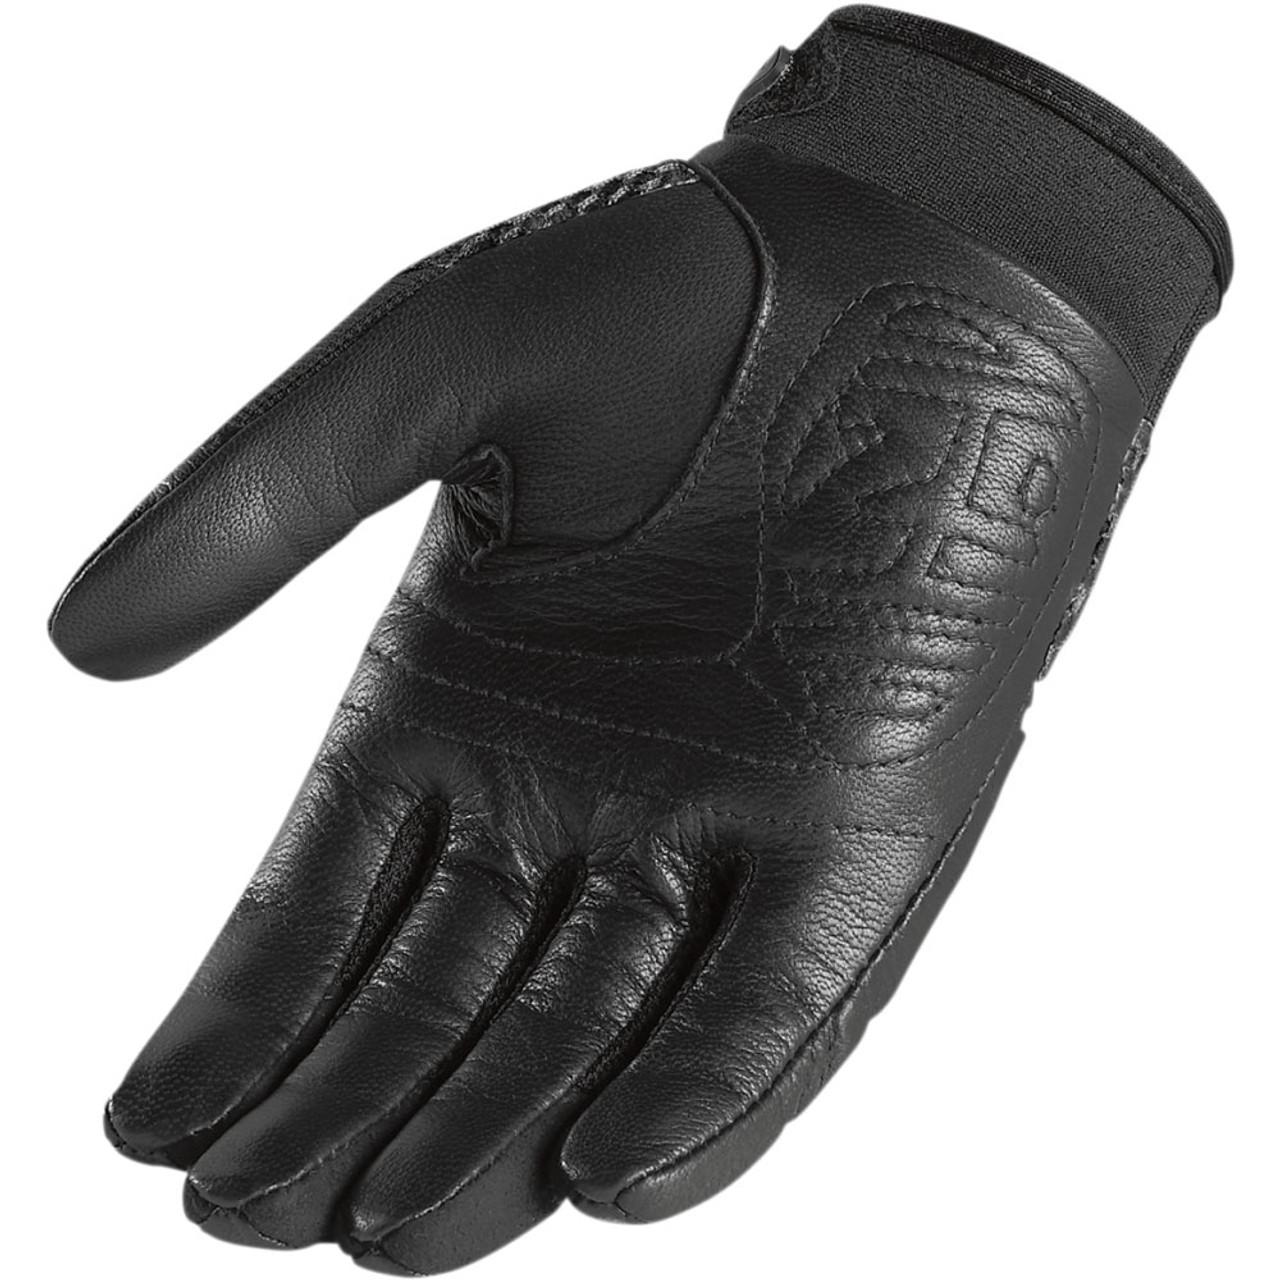 New Mens Icon Twenty-Niner//29er CE BLACK Motorcycle Street Bike Gloves ALL SIZES